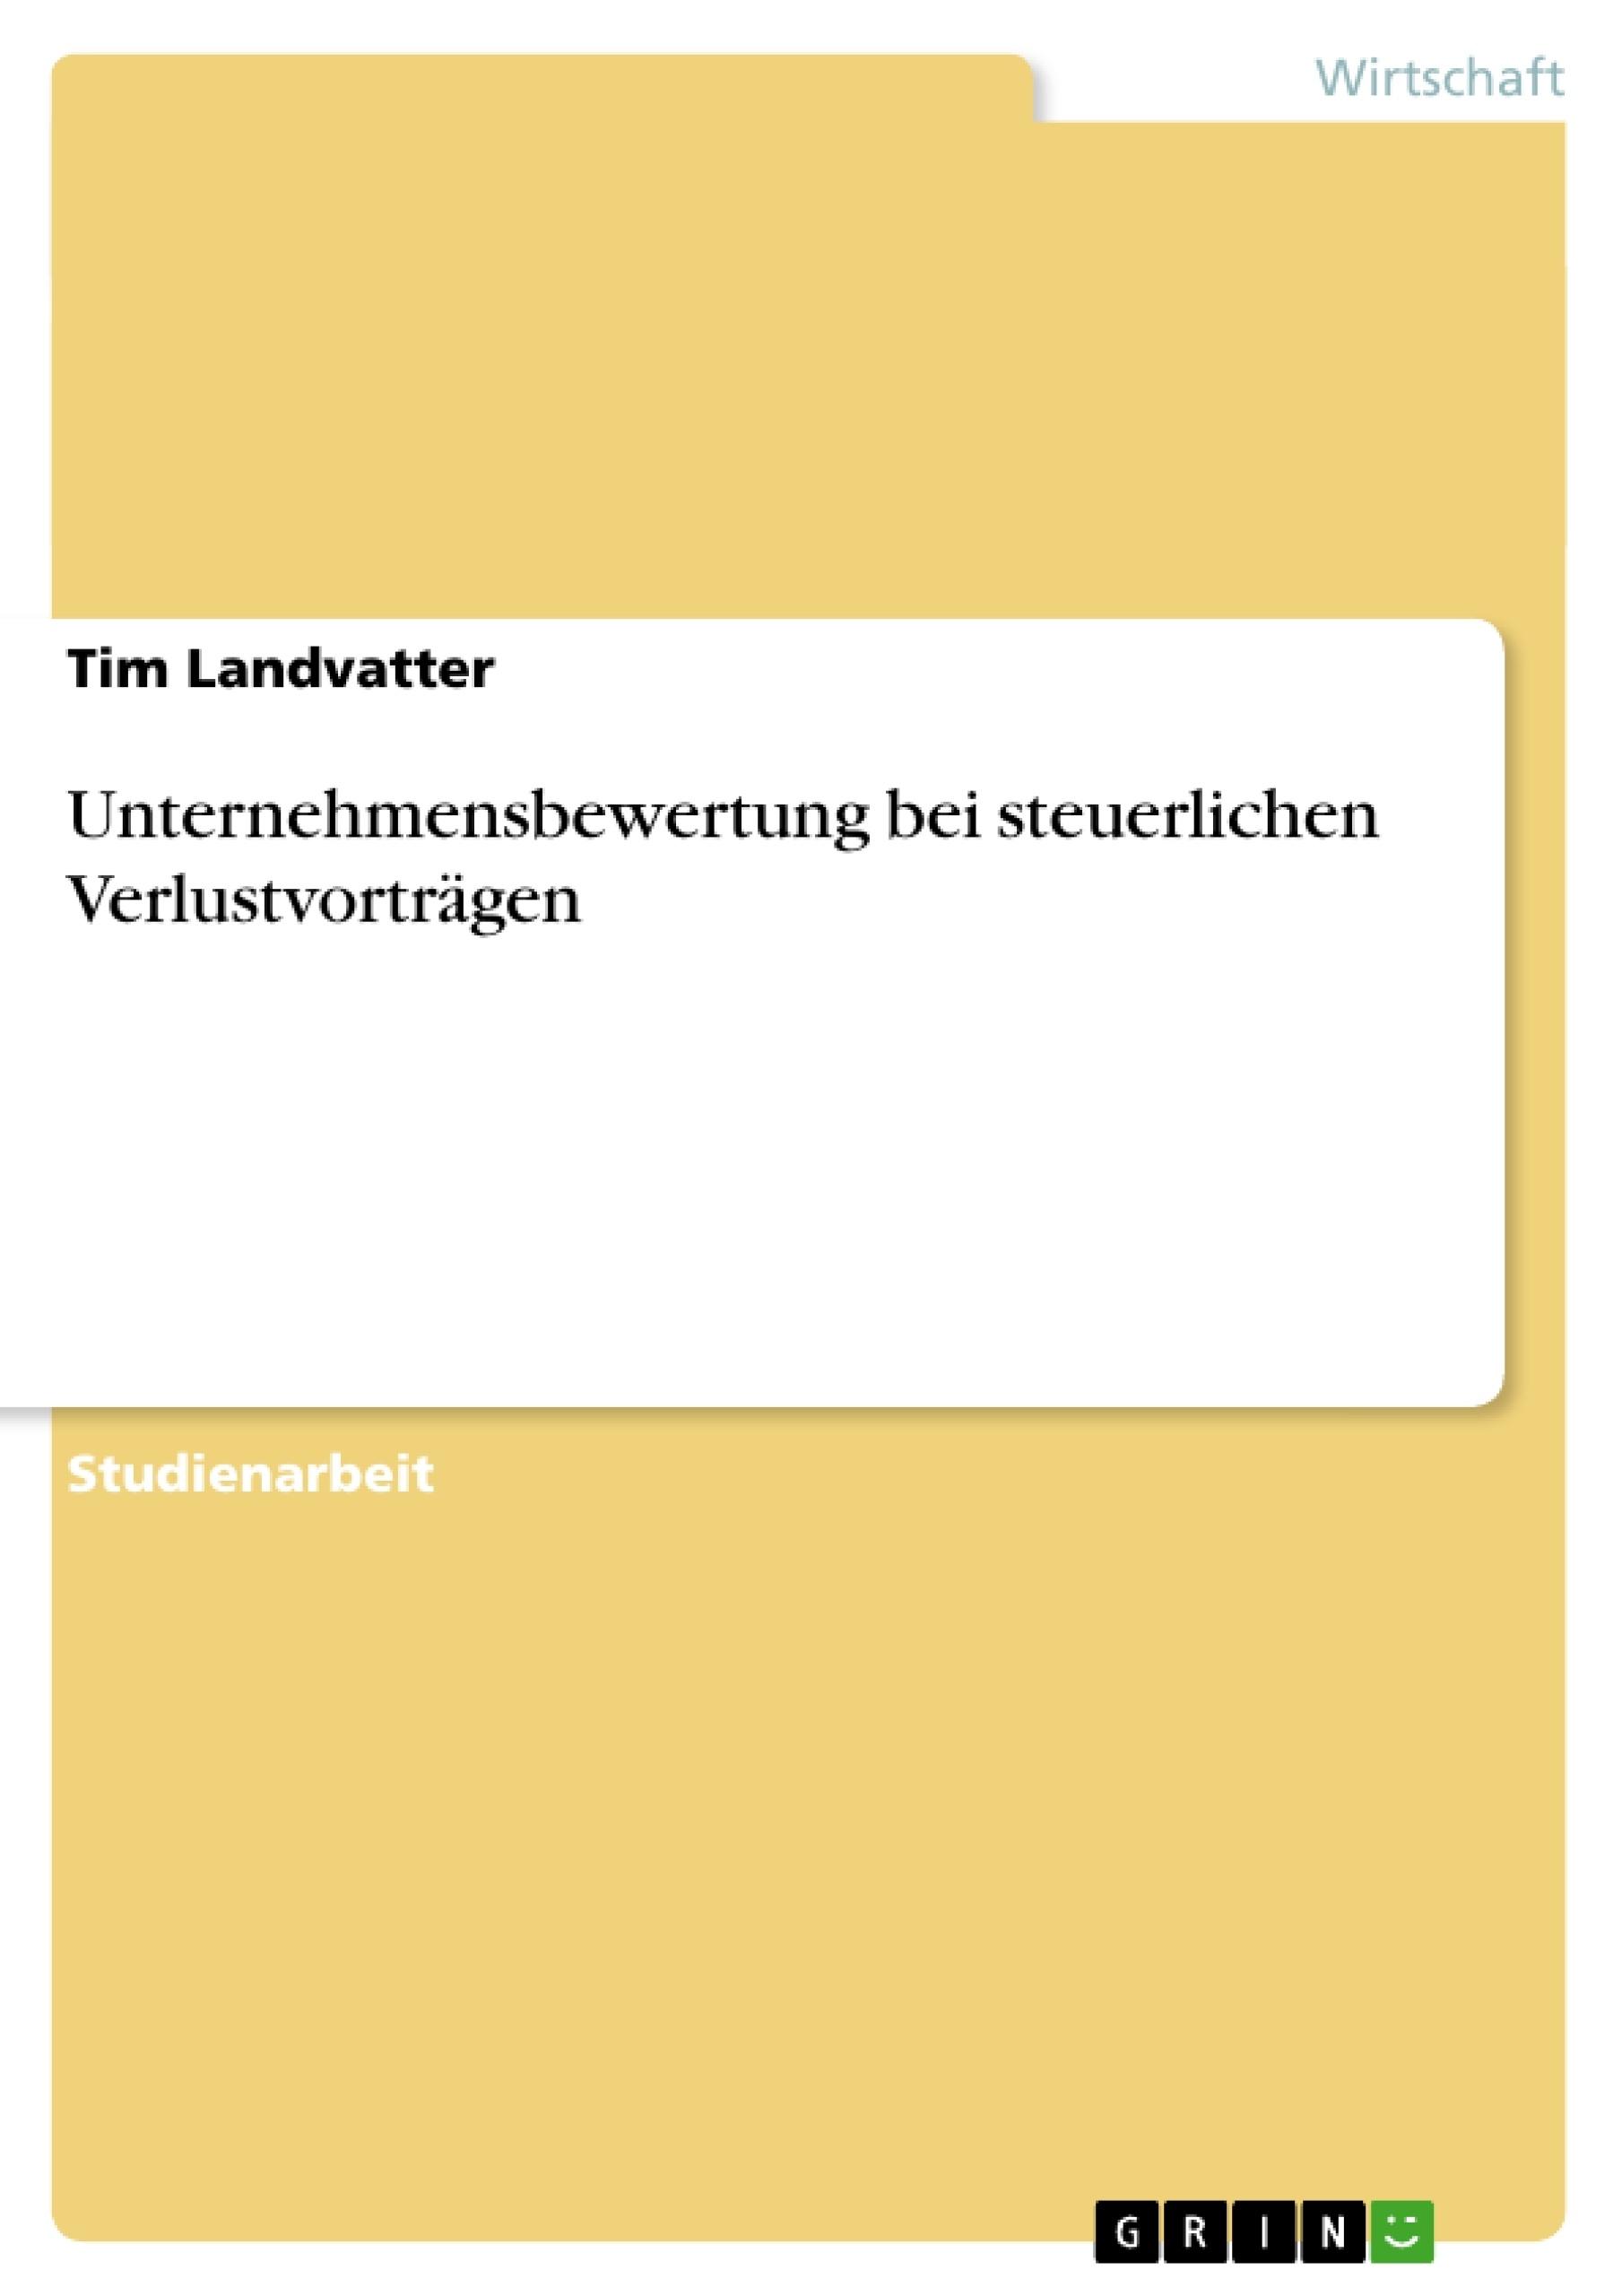 Titel: Unternehmensbewertung bei steuerlichen Verlustvorträgen